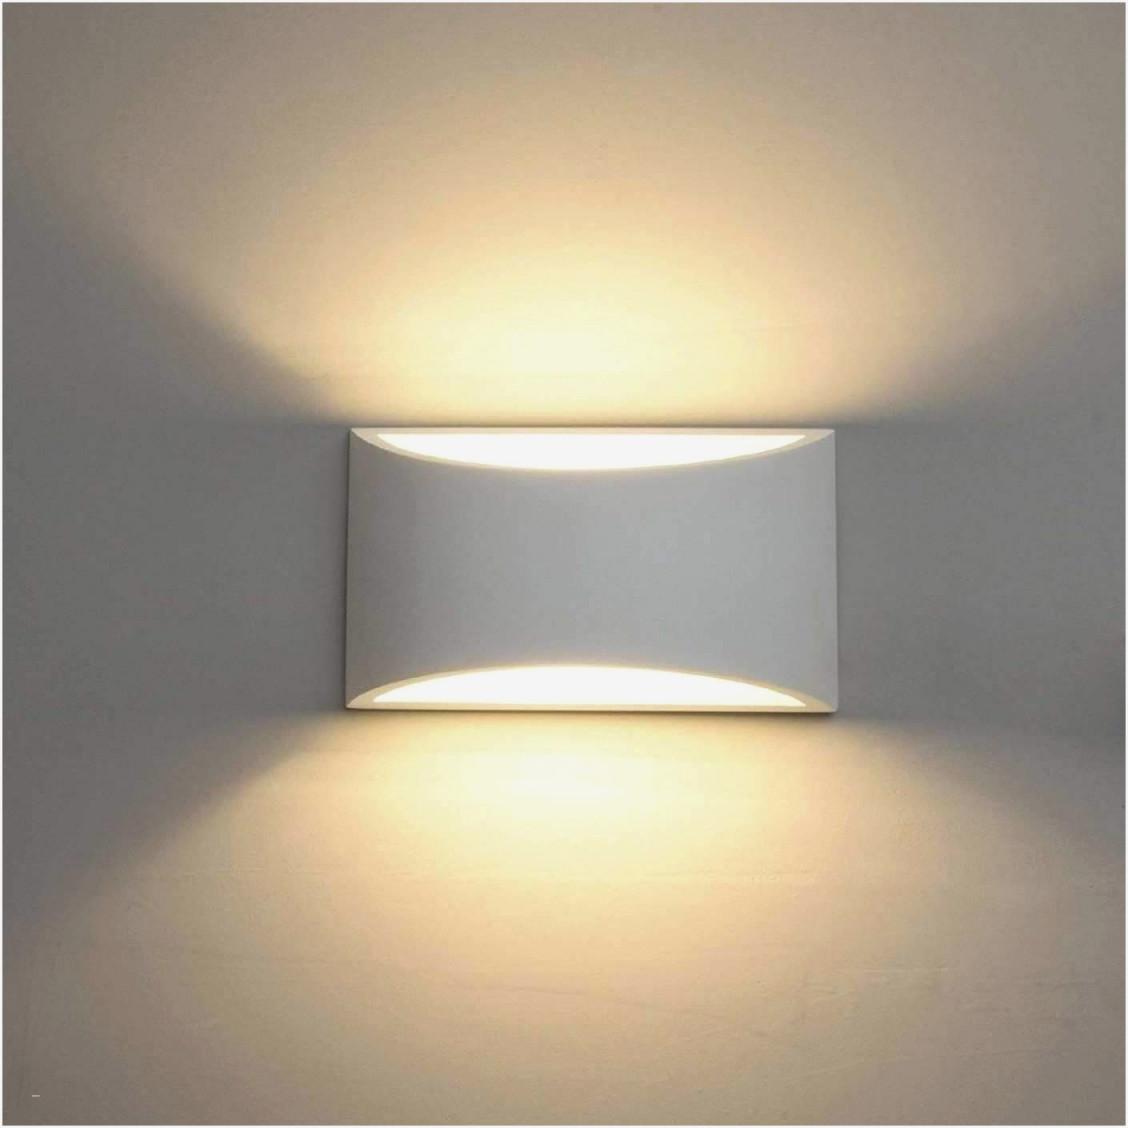 Deckenlampe Wohnzimmer Led Dimmbar Rund  Wohnzimmer von Deckenlampe Wohnzimmer Rund Photo